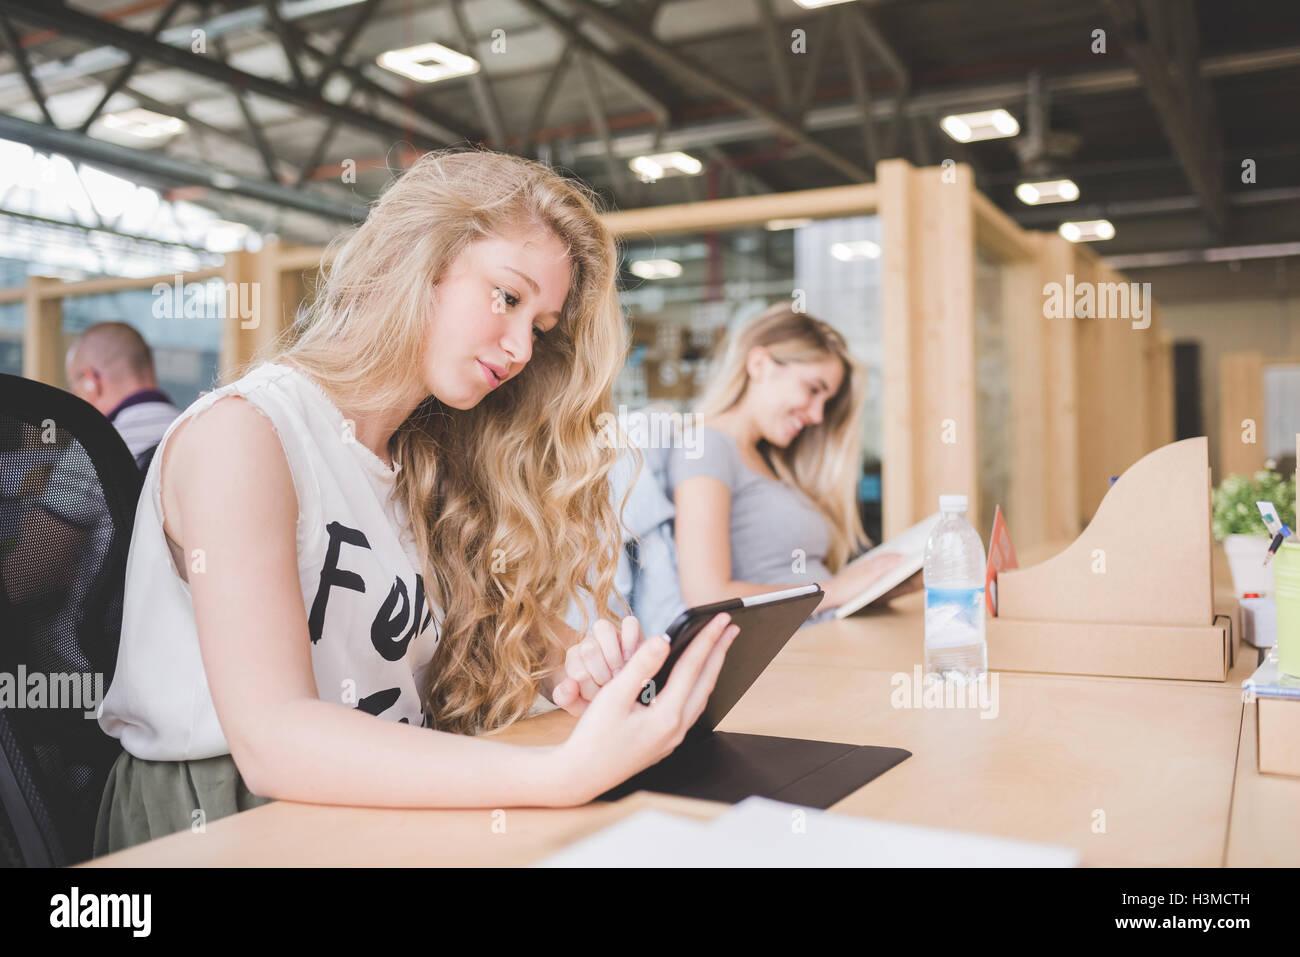 Mitarbeiter arbeiten an digital-Tablette im GroßraumbüroStockfoto